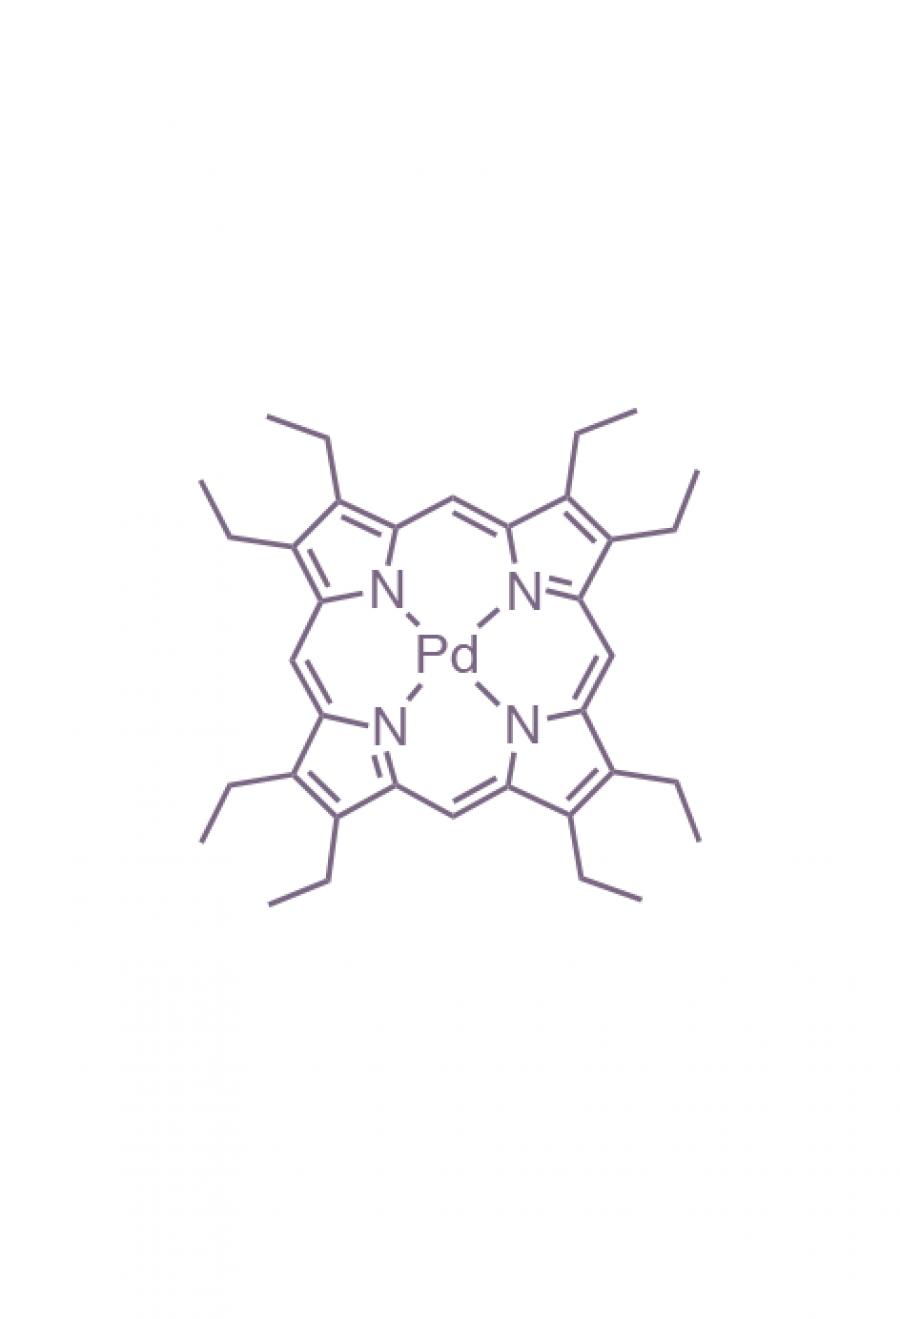 palladium(II) 2,3,7,8,12,13,17,18-(octaethyl)porphyrin